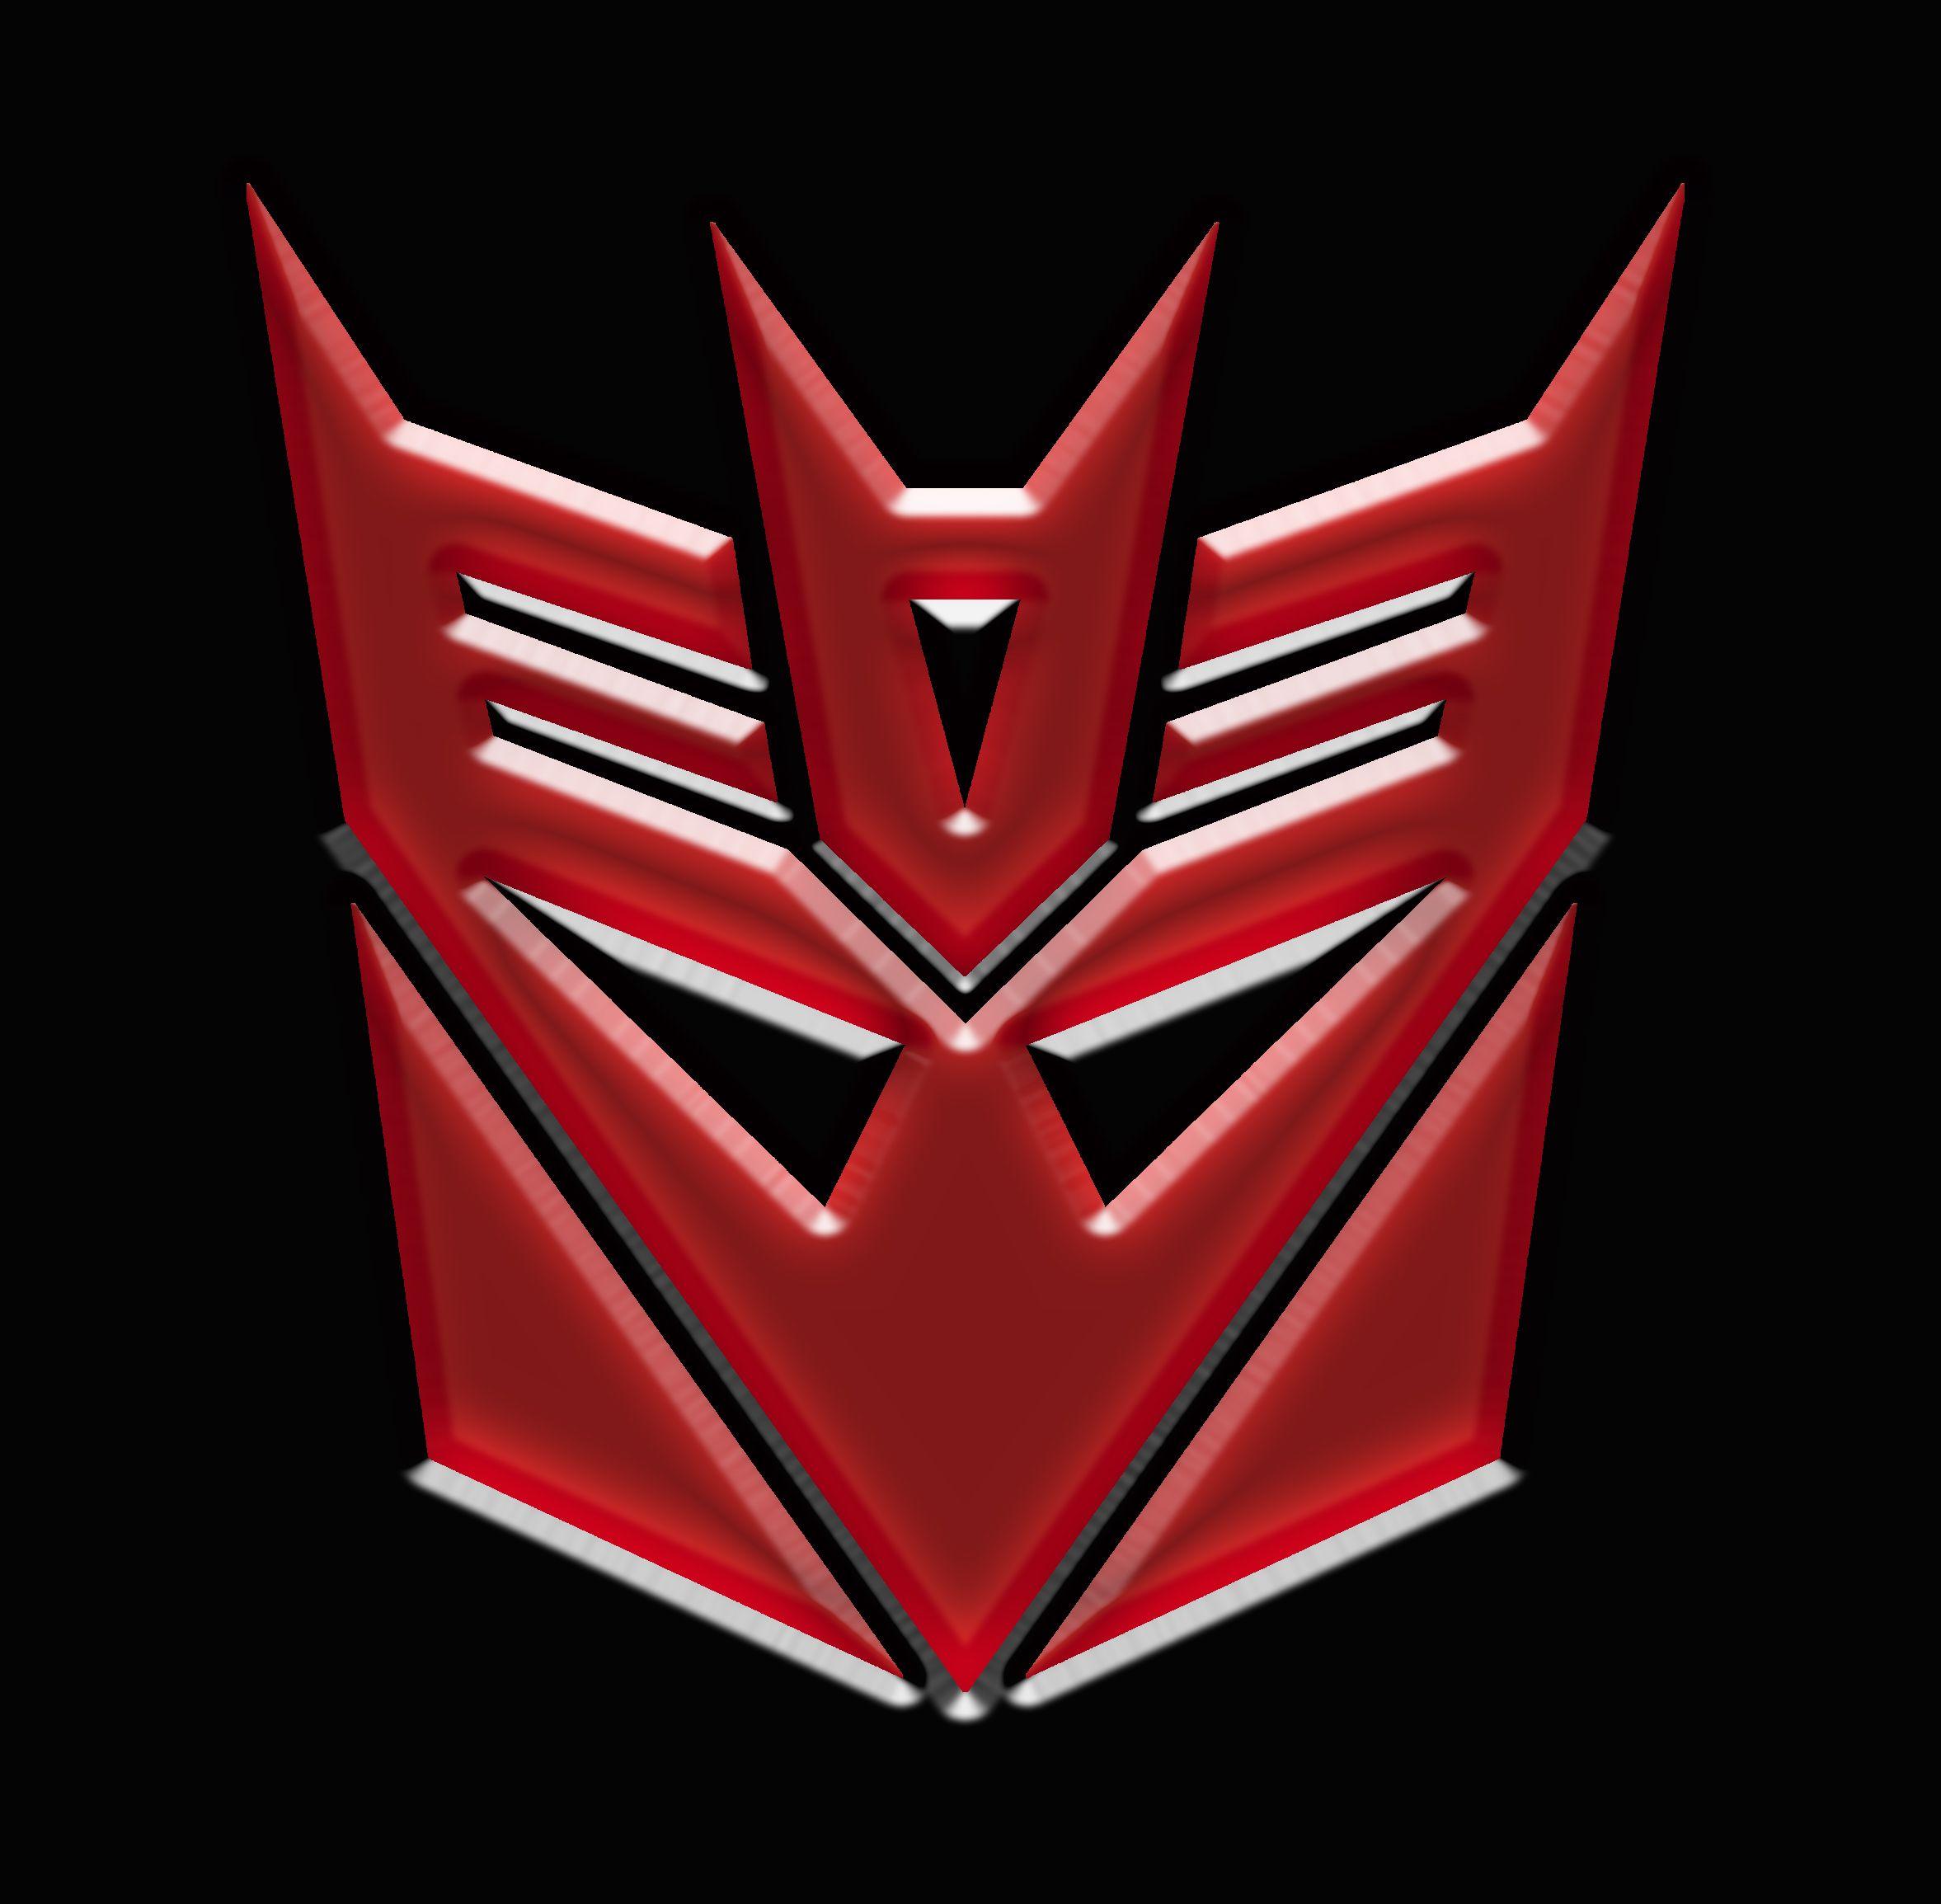 Red Decepticon Logo